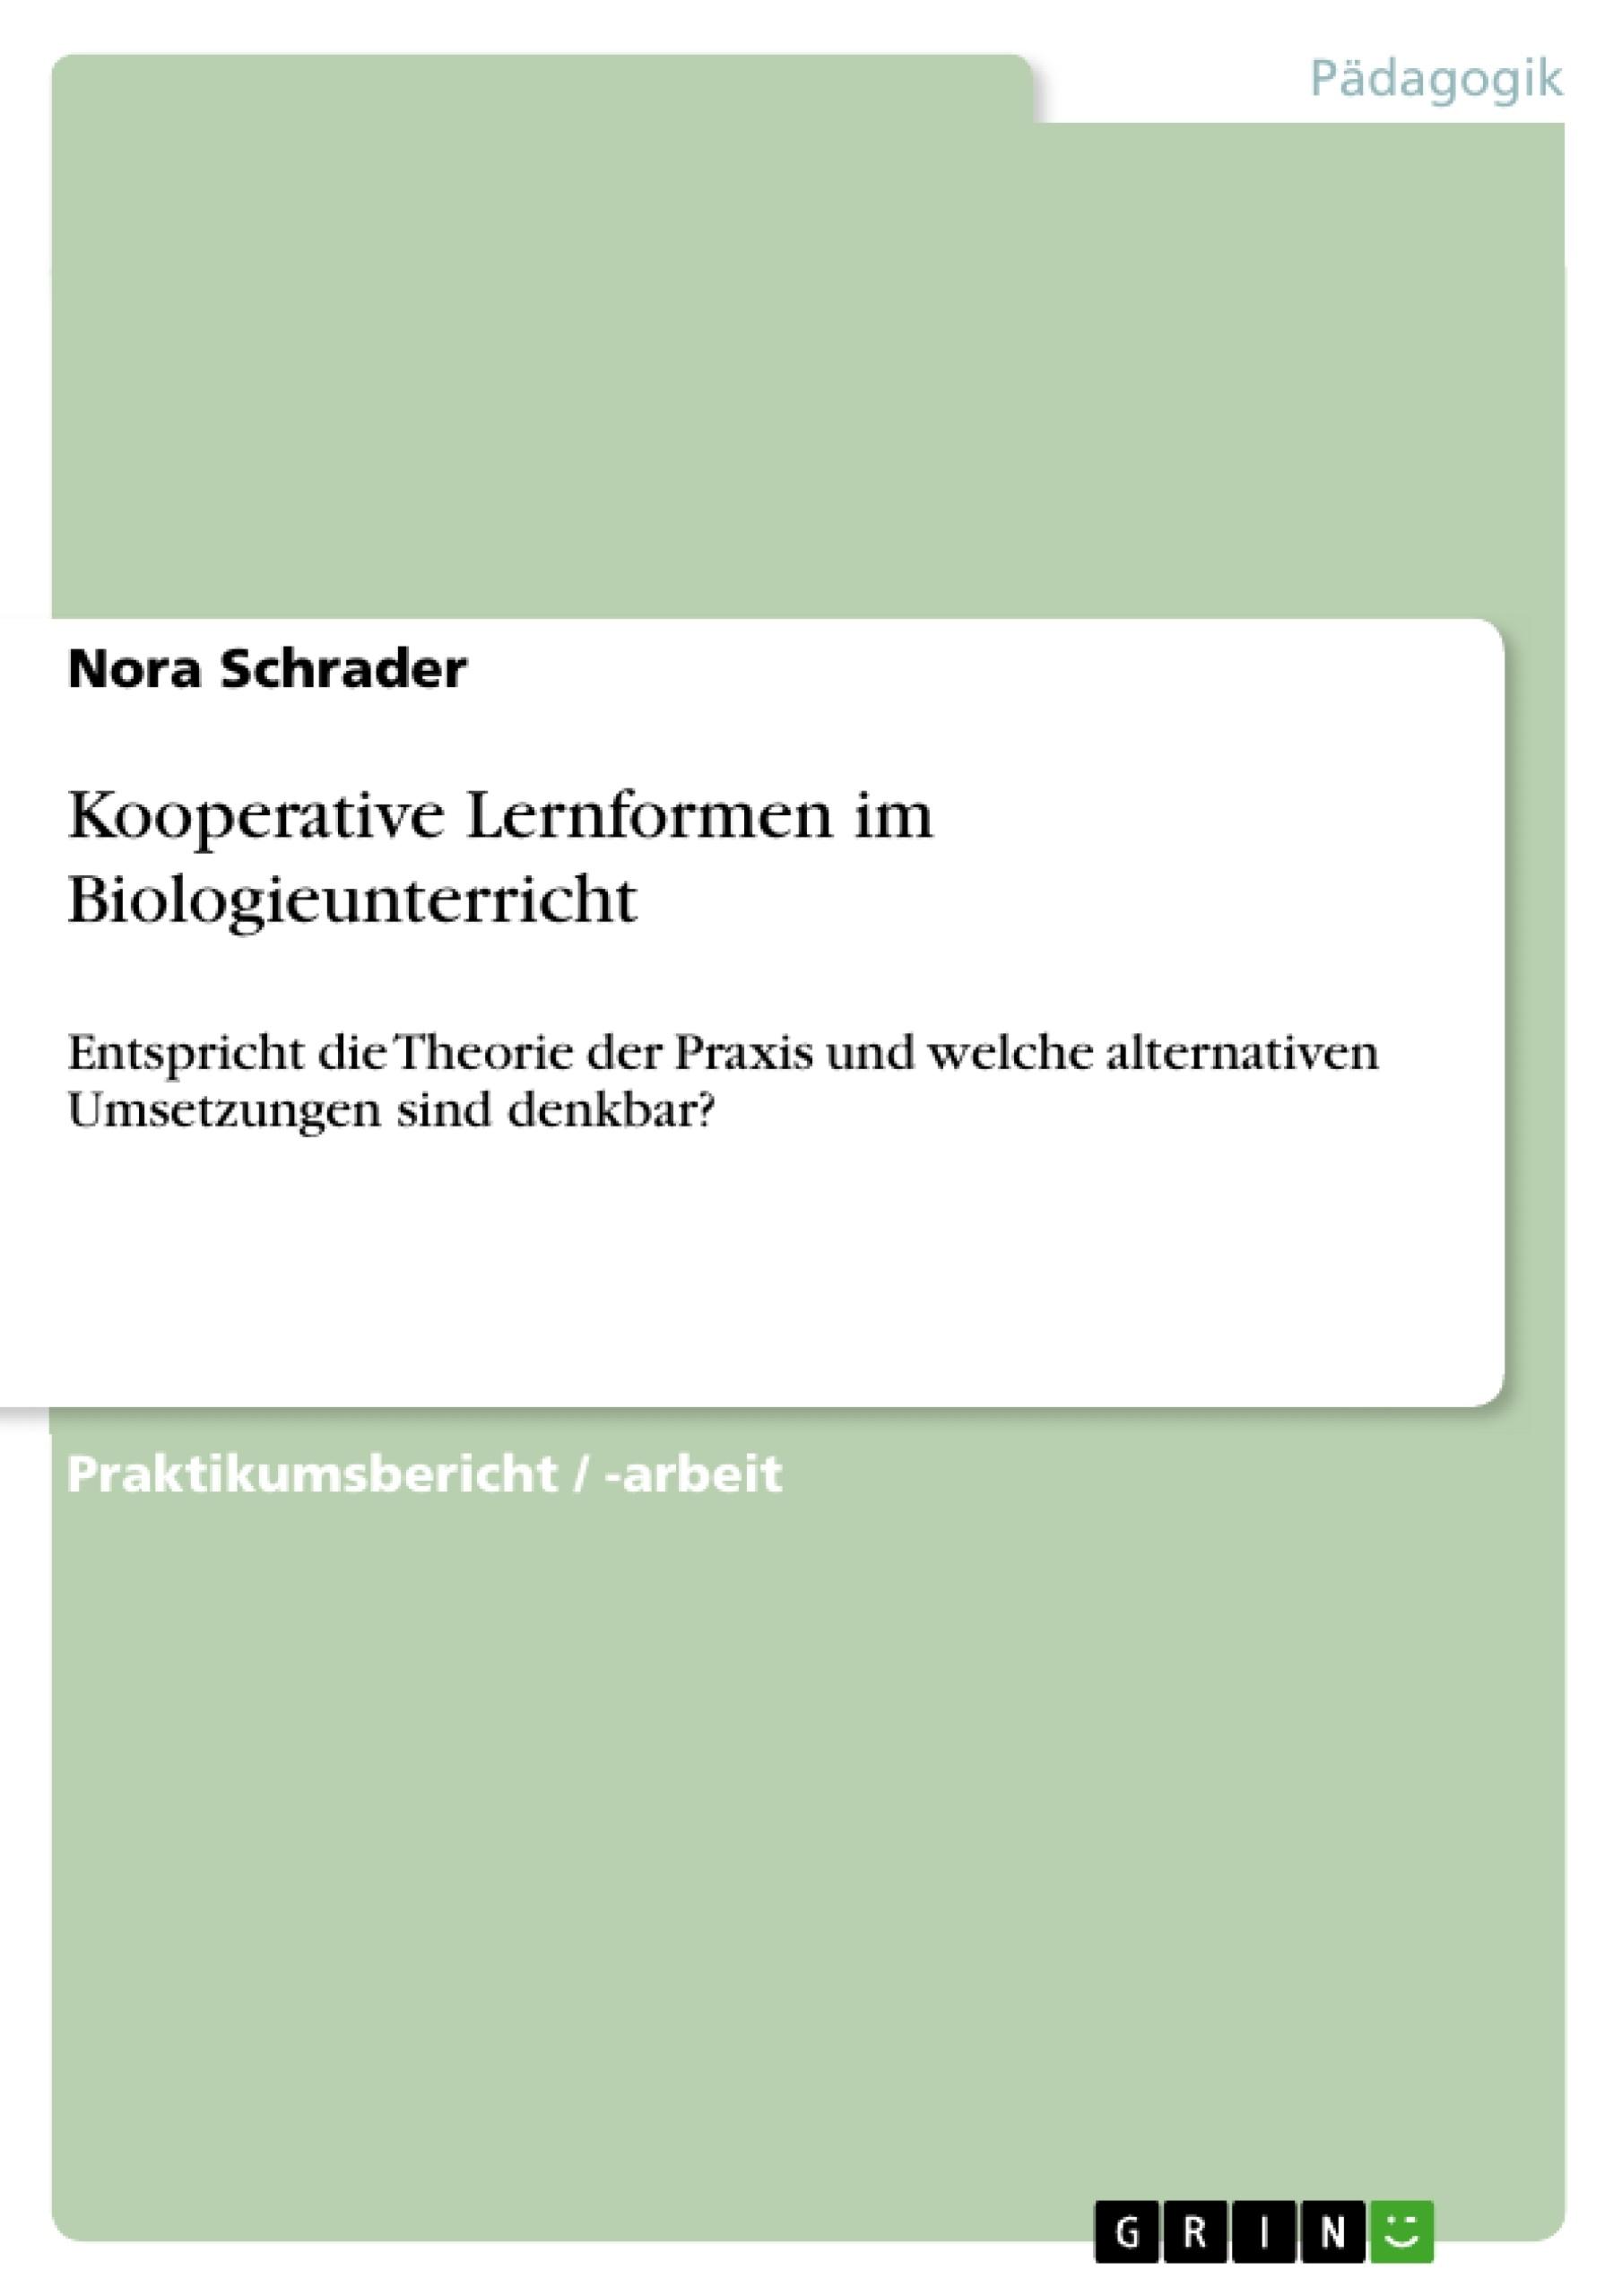 Titel: Kooperative Lernformen im Biologieunterricht